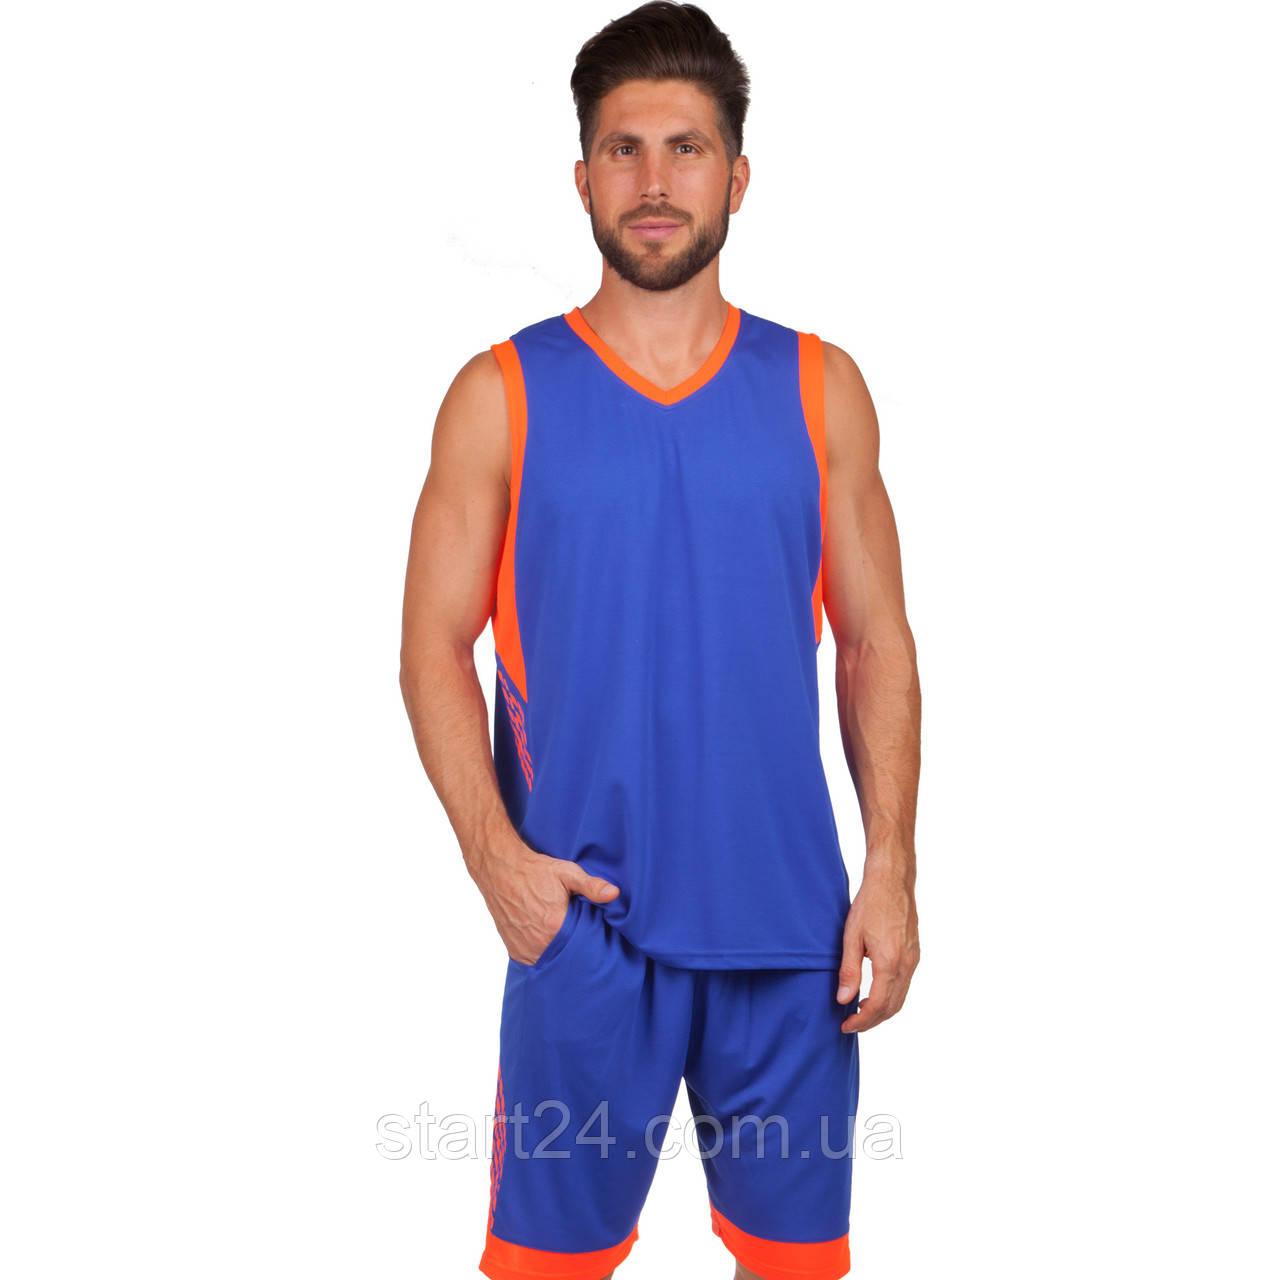 Форма баскетбольна чоловіча LD-8017-4 (PL, р-р L-5XL 160-190, синій-оранжевий)